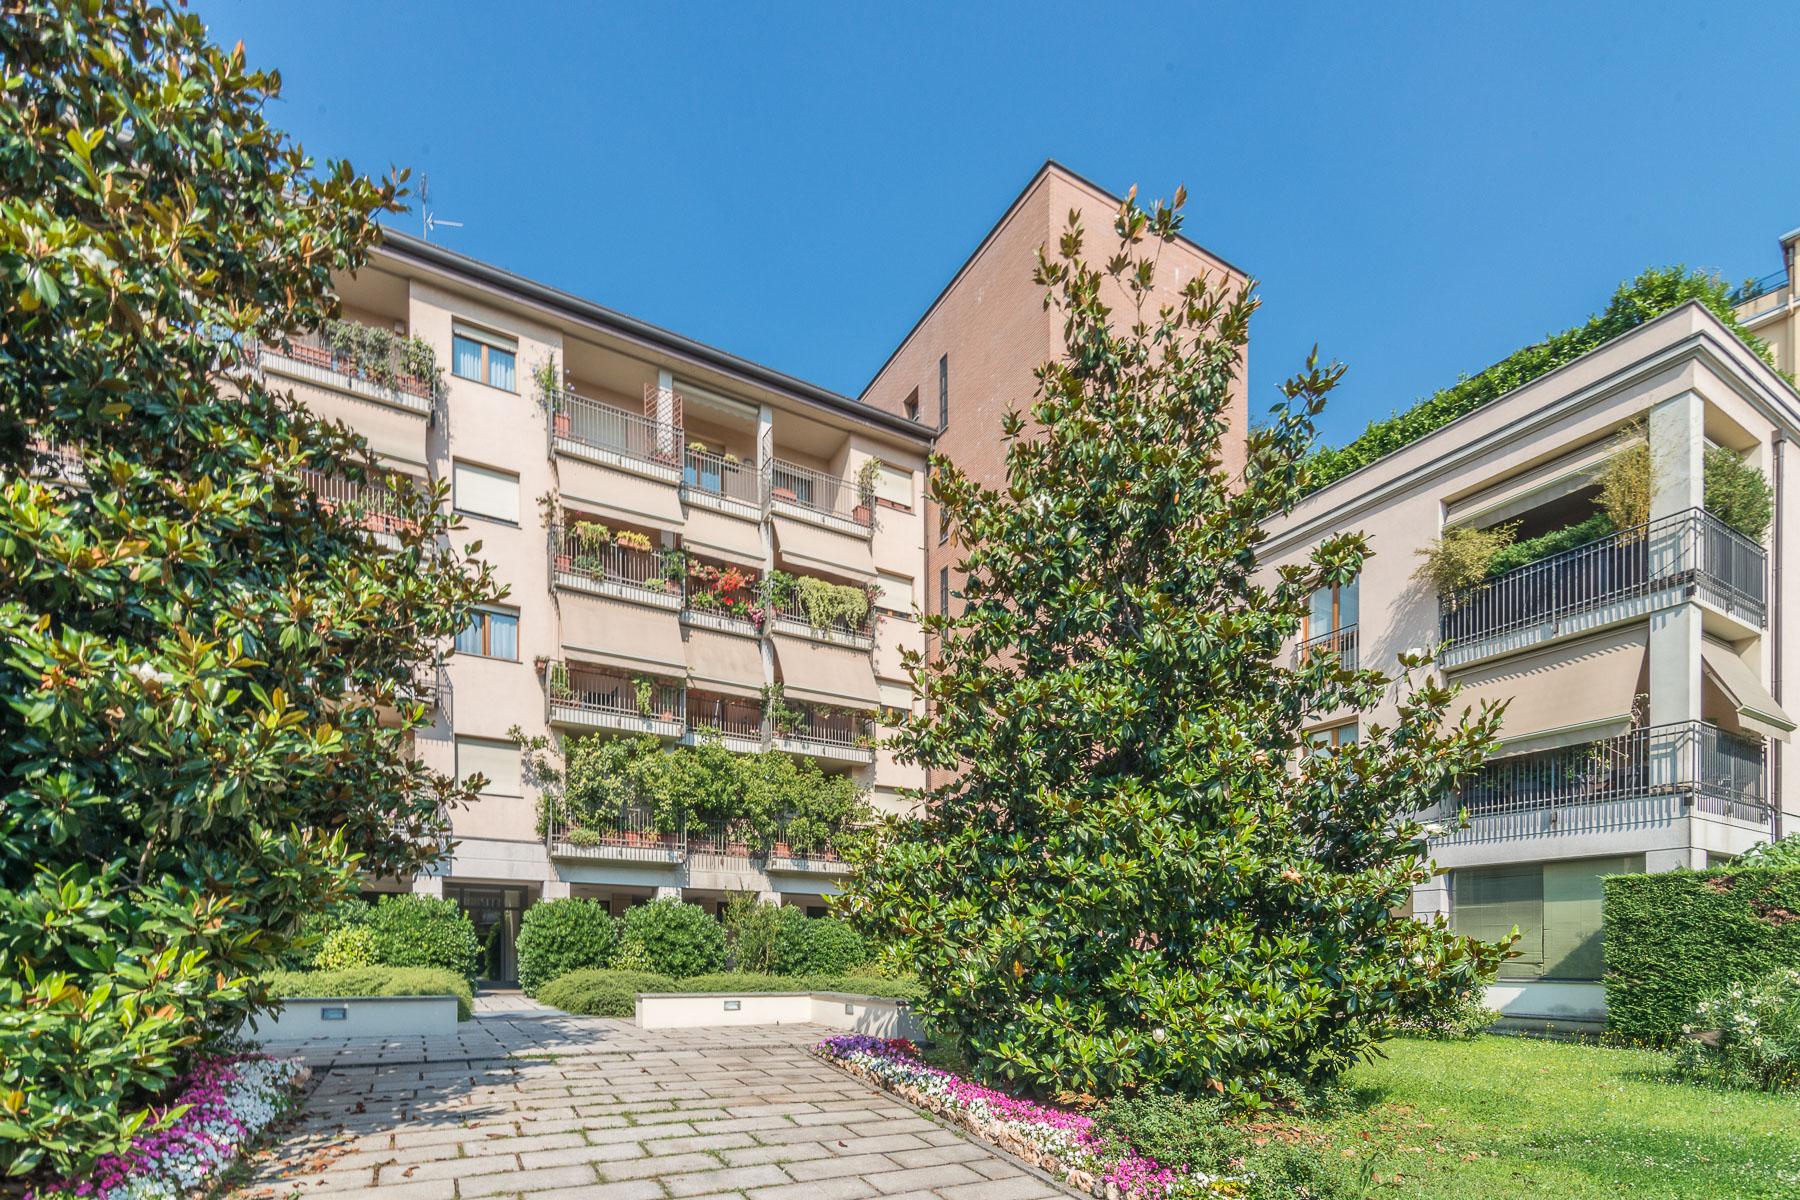 Appartamento di lusso in affitto a milano via bullona for Affitto uffici zona eur